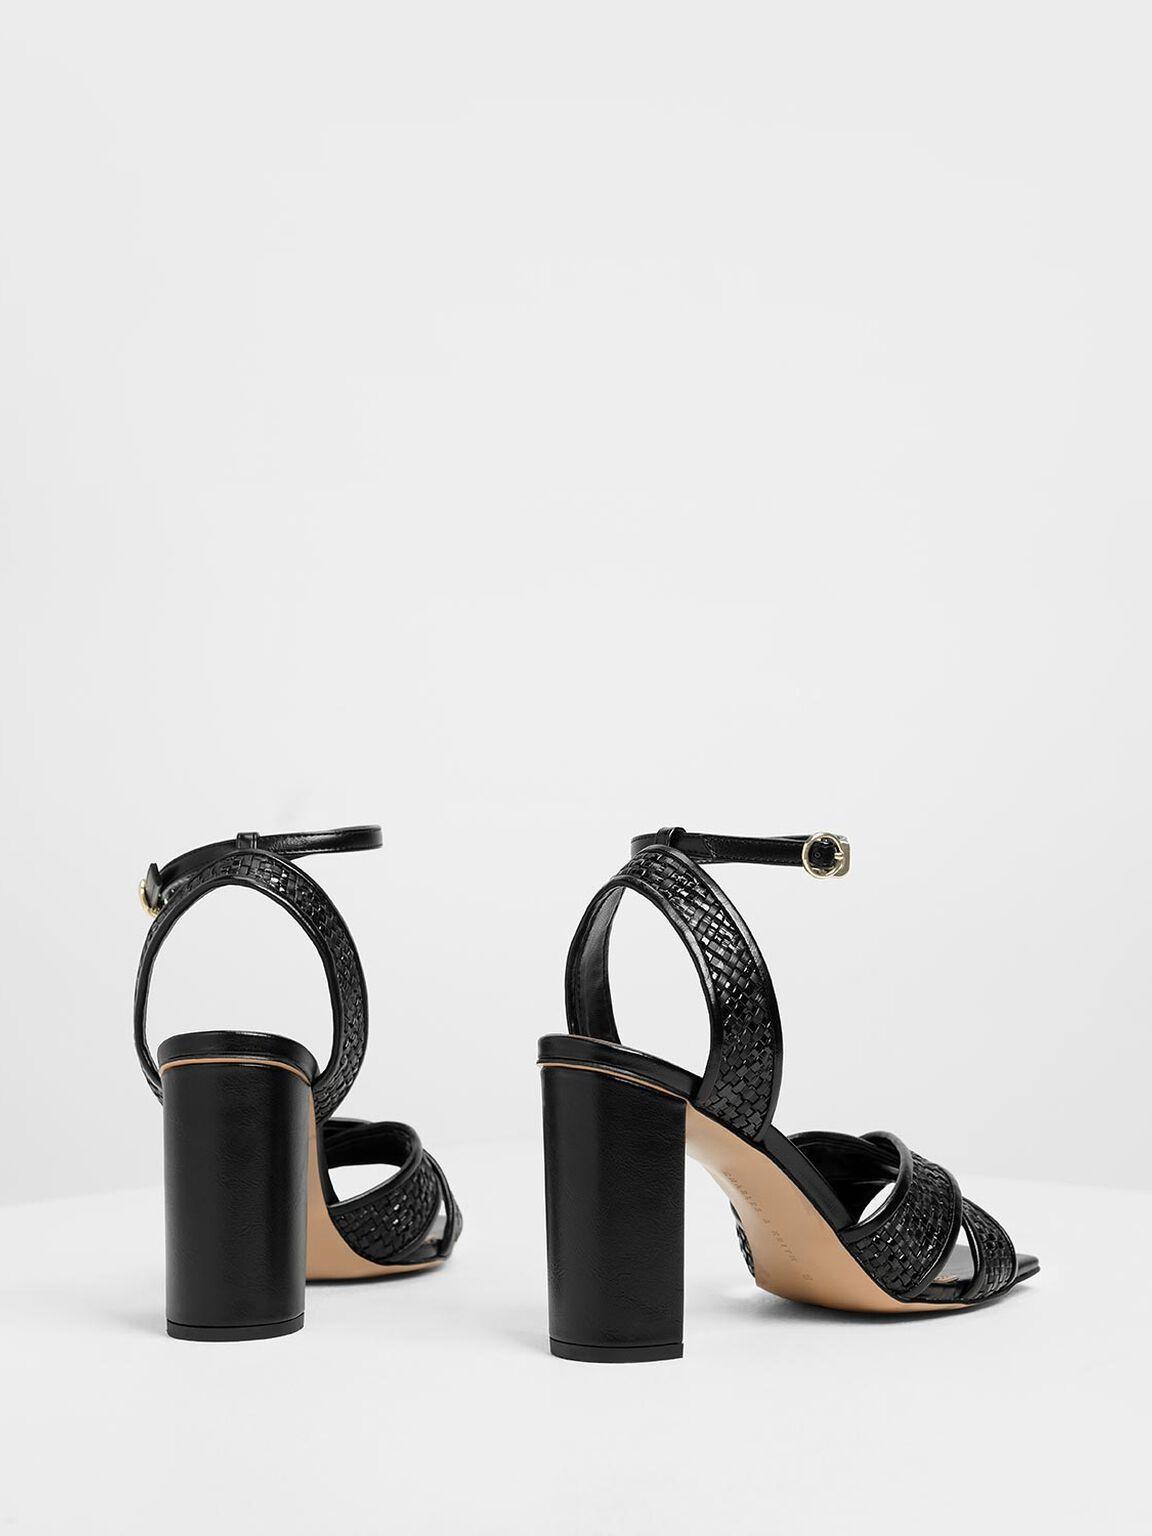 Woven Raffia Sandals, Black, hi-res